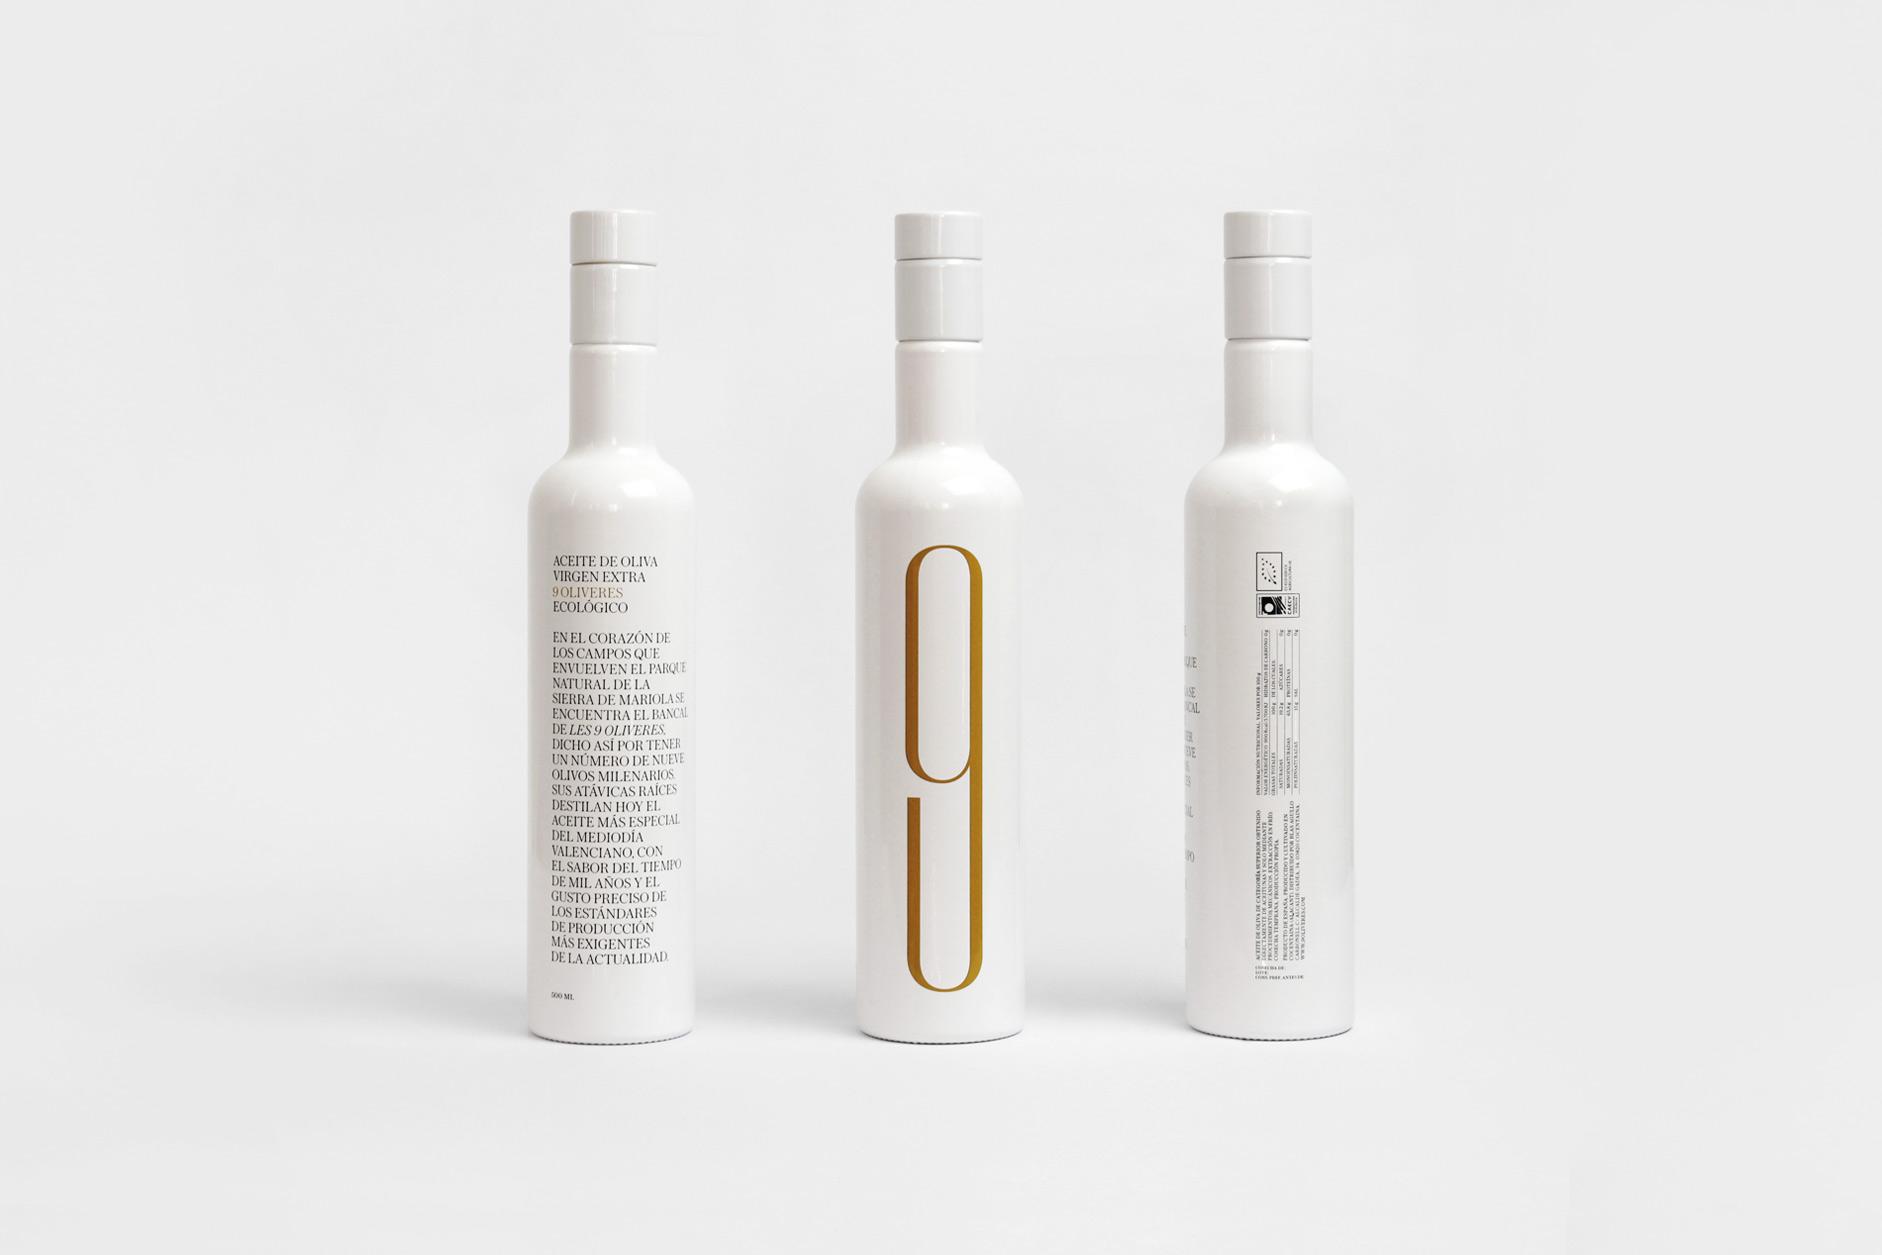 Fase, estudio de diseño gráfico. 9 Oliveres, diseño packaging aceite. Vistas botella